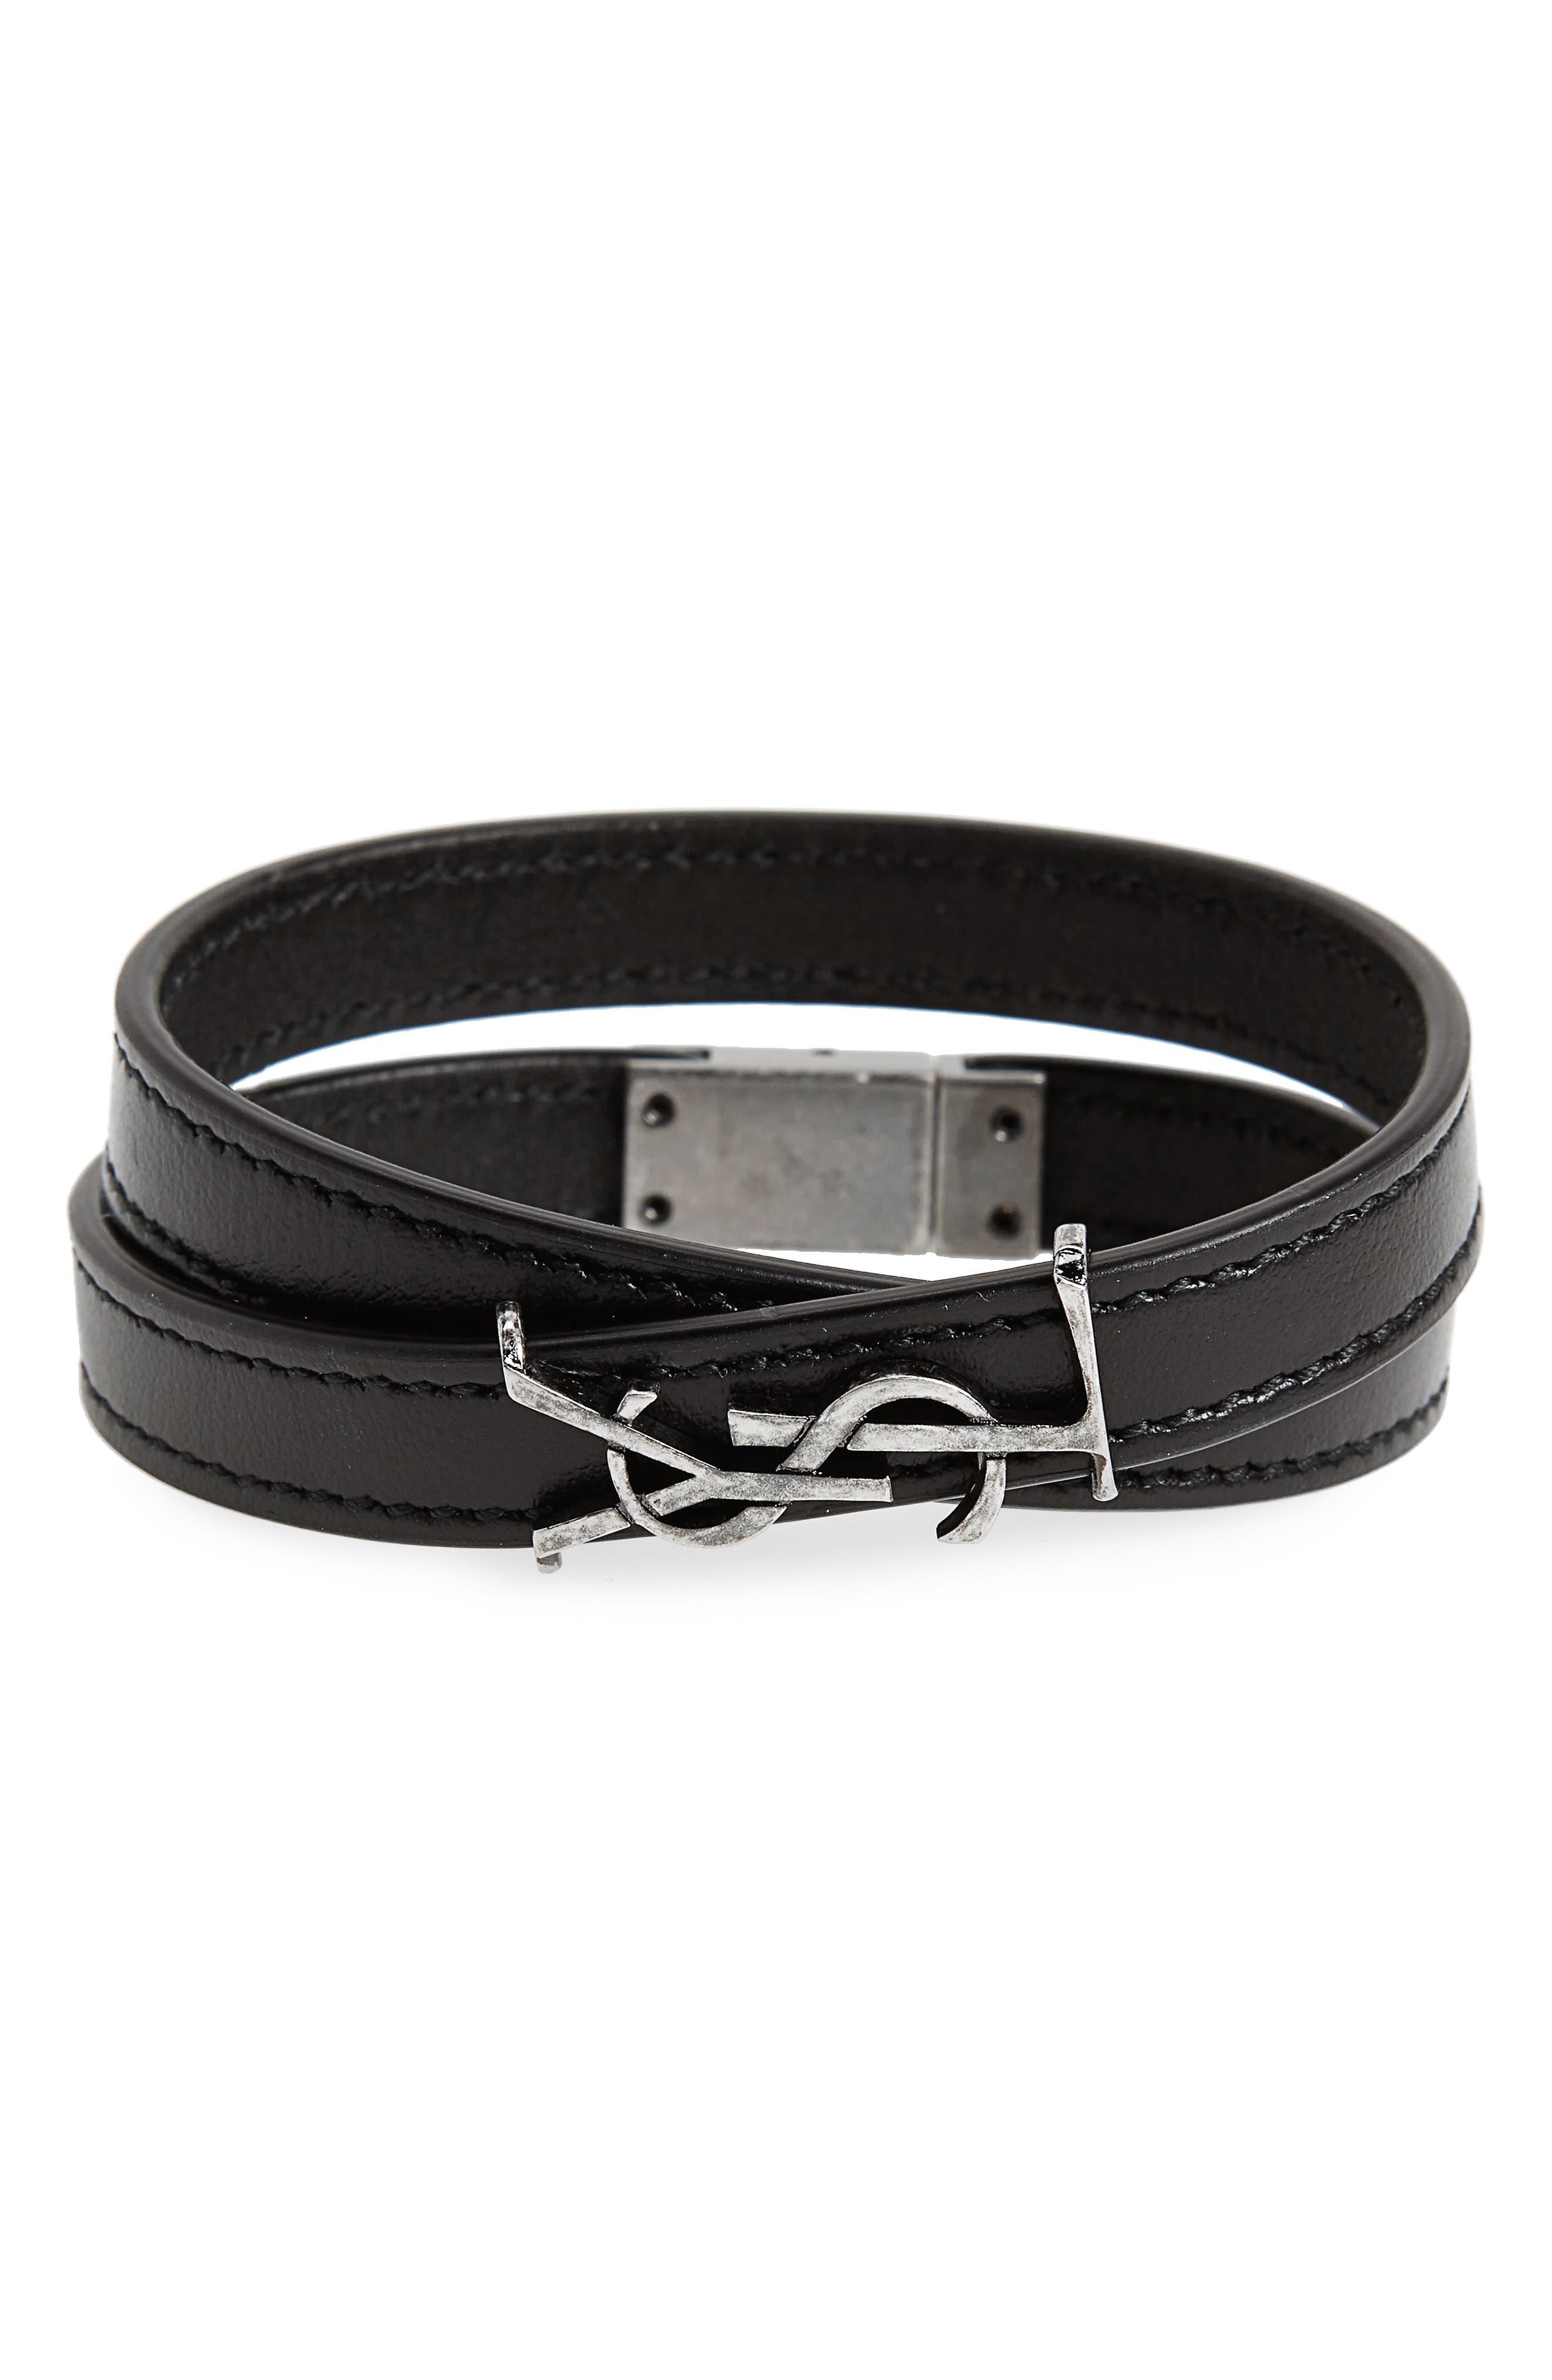 Saint Laurent YSL Leather Bracelet